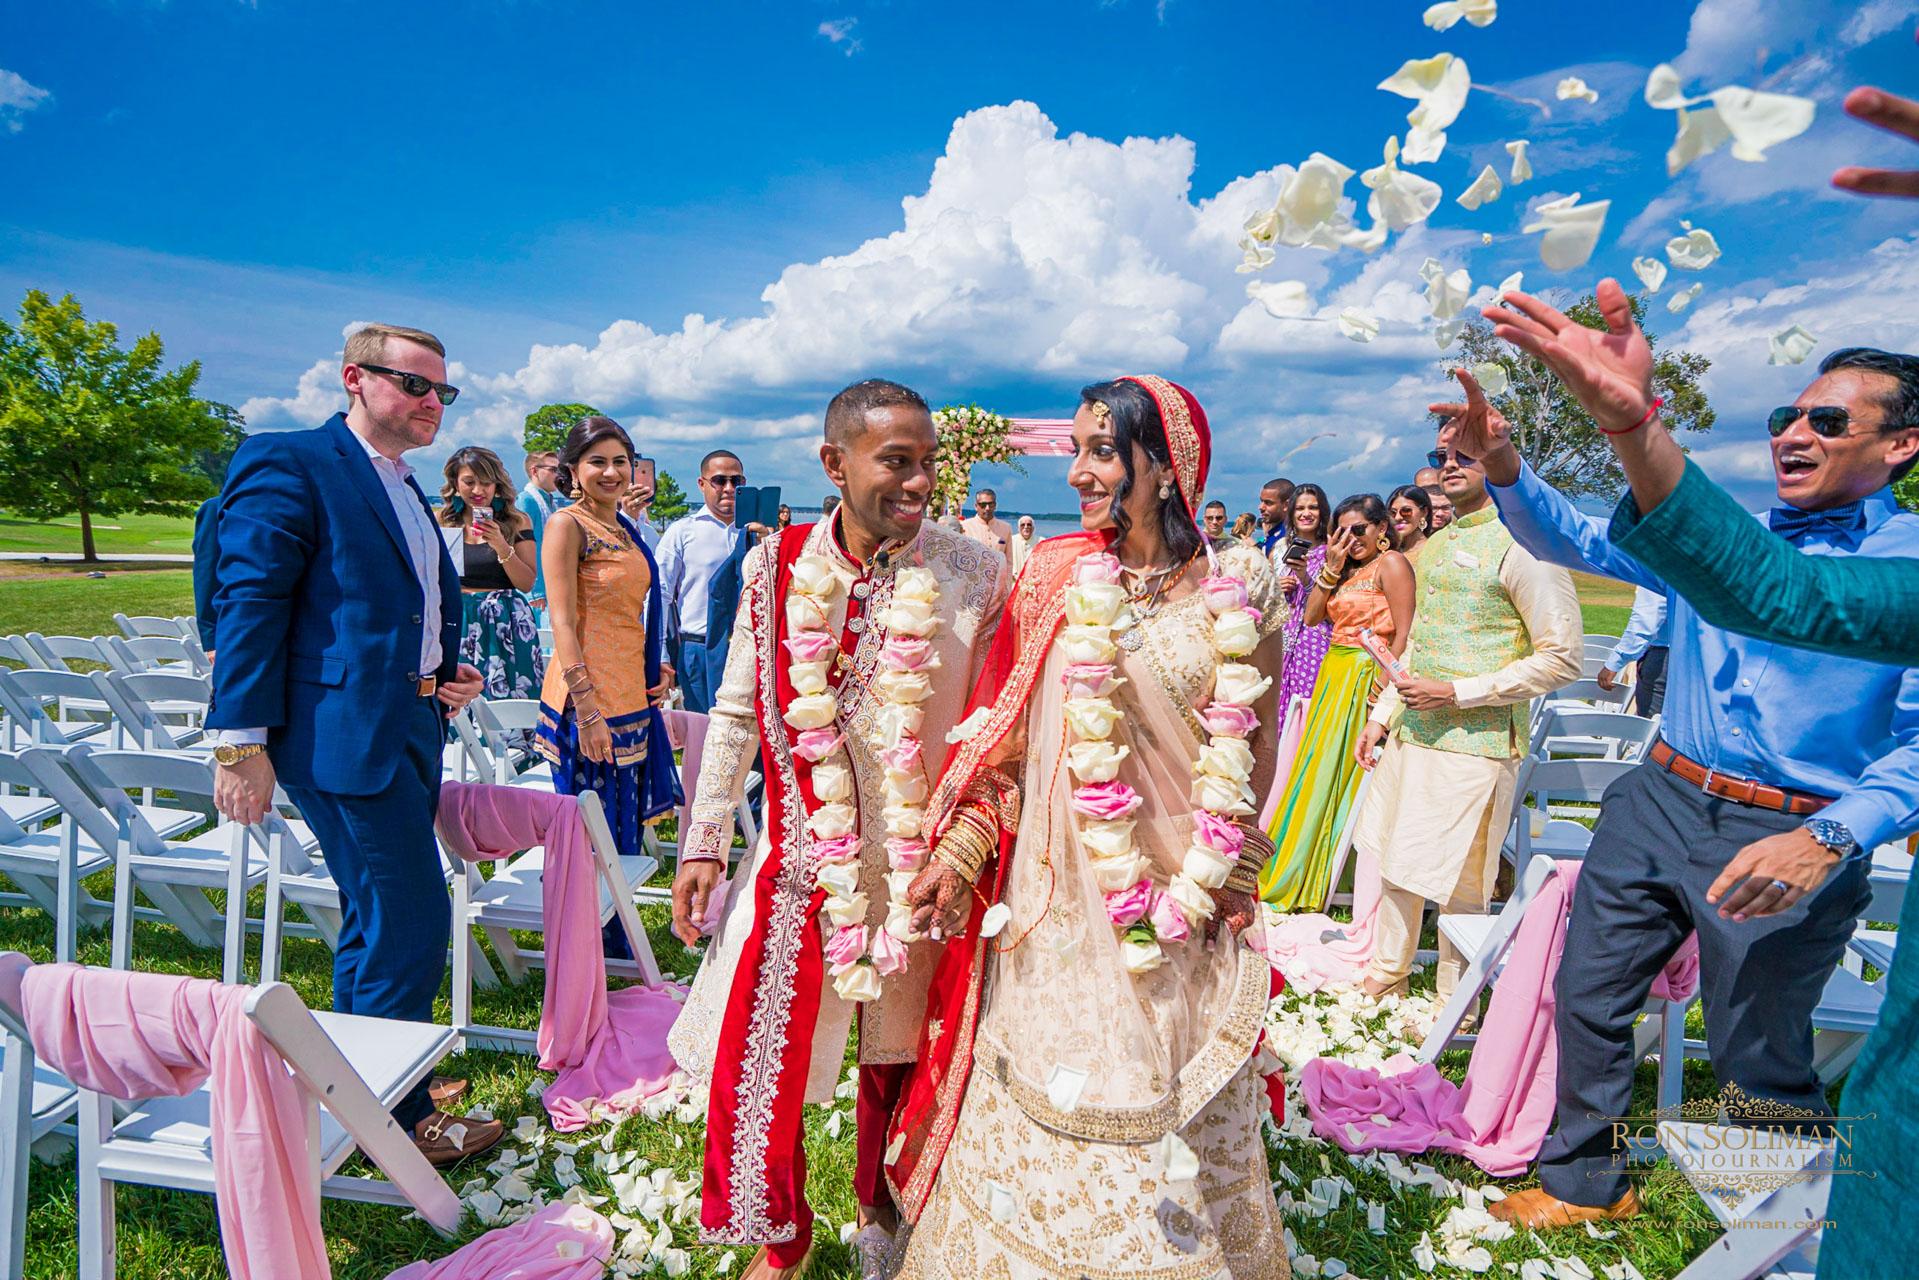 Hyatt Regency Chesapeake Bay Wedding 26